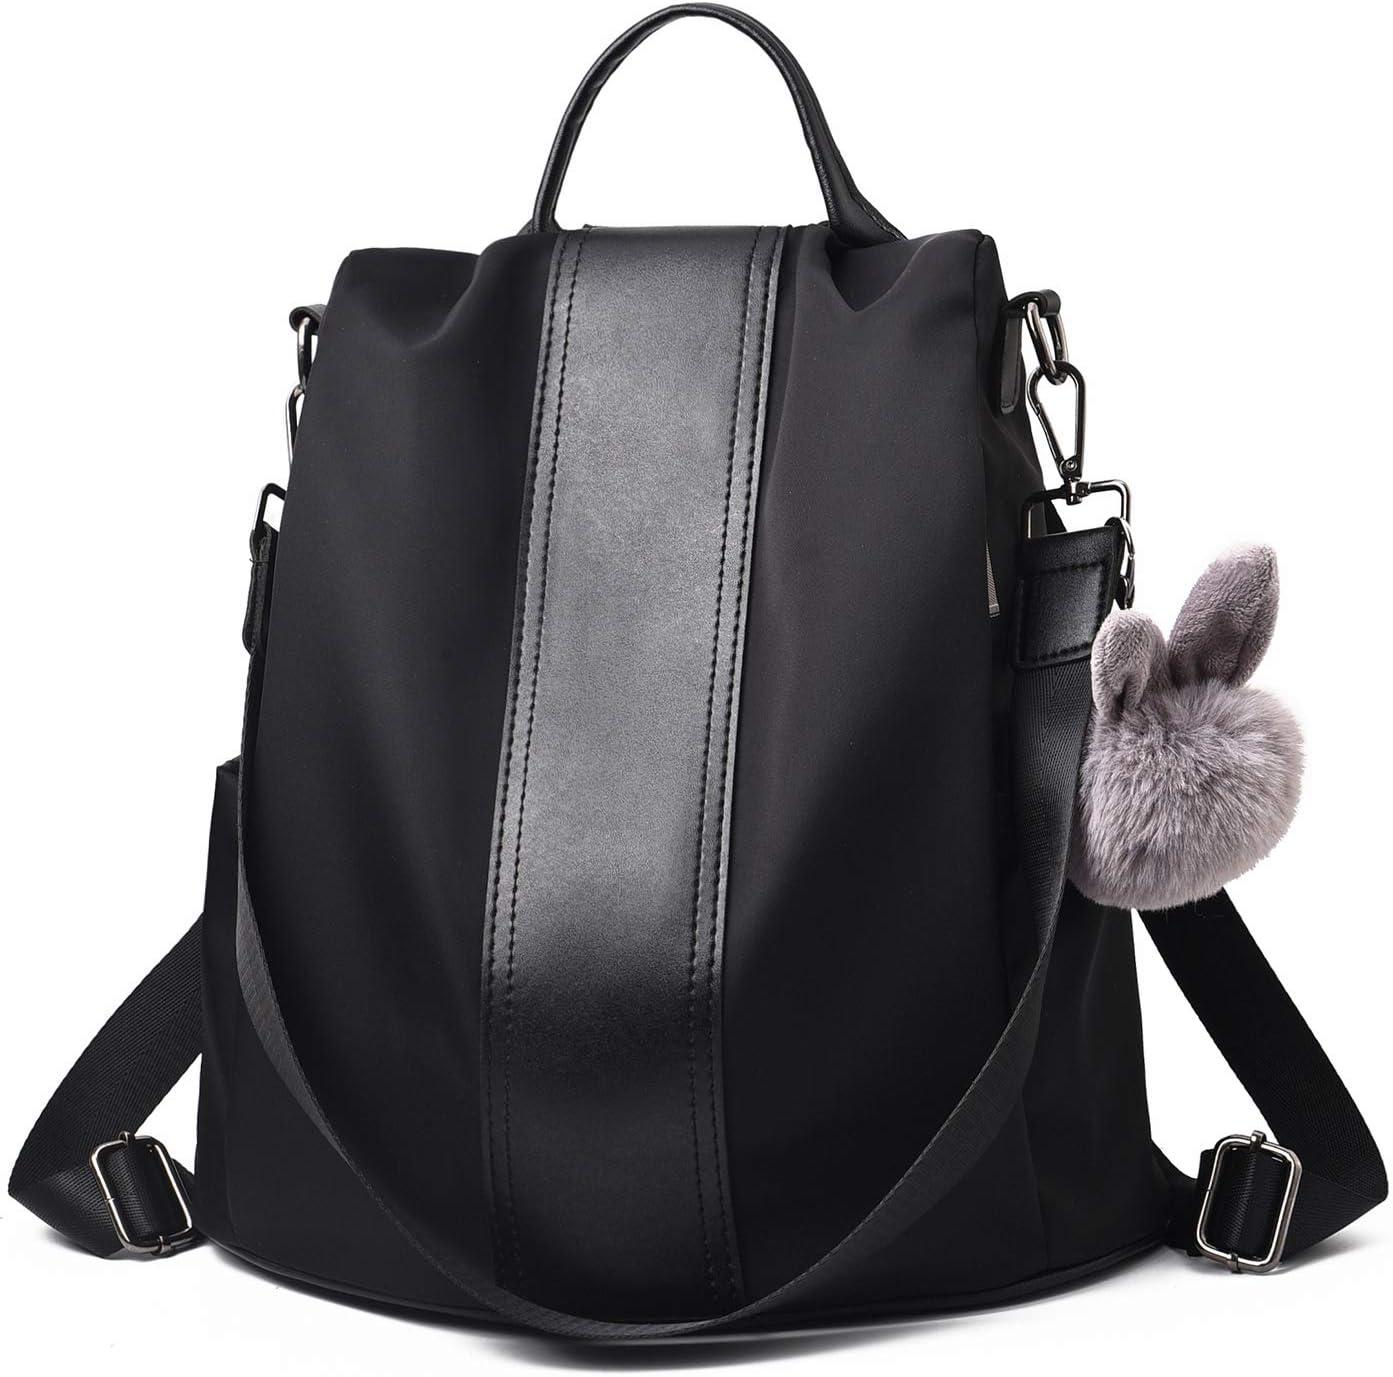 Charmore Damen Rucksack Wasserdichte Nylon Schultasche Anti Diebstahl Daypack Schultertasche Leichtgewicht Reiserucksack: Amazon.de: Koffer -